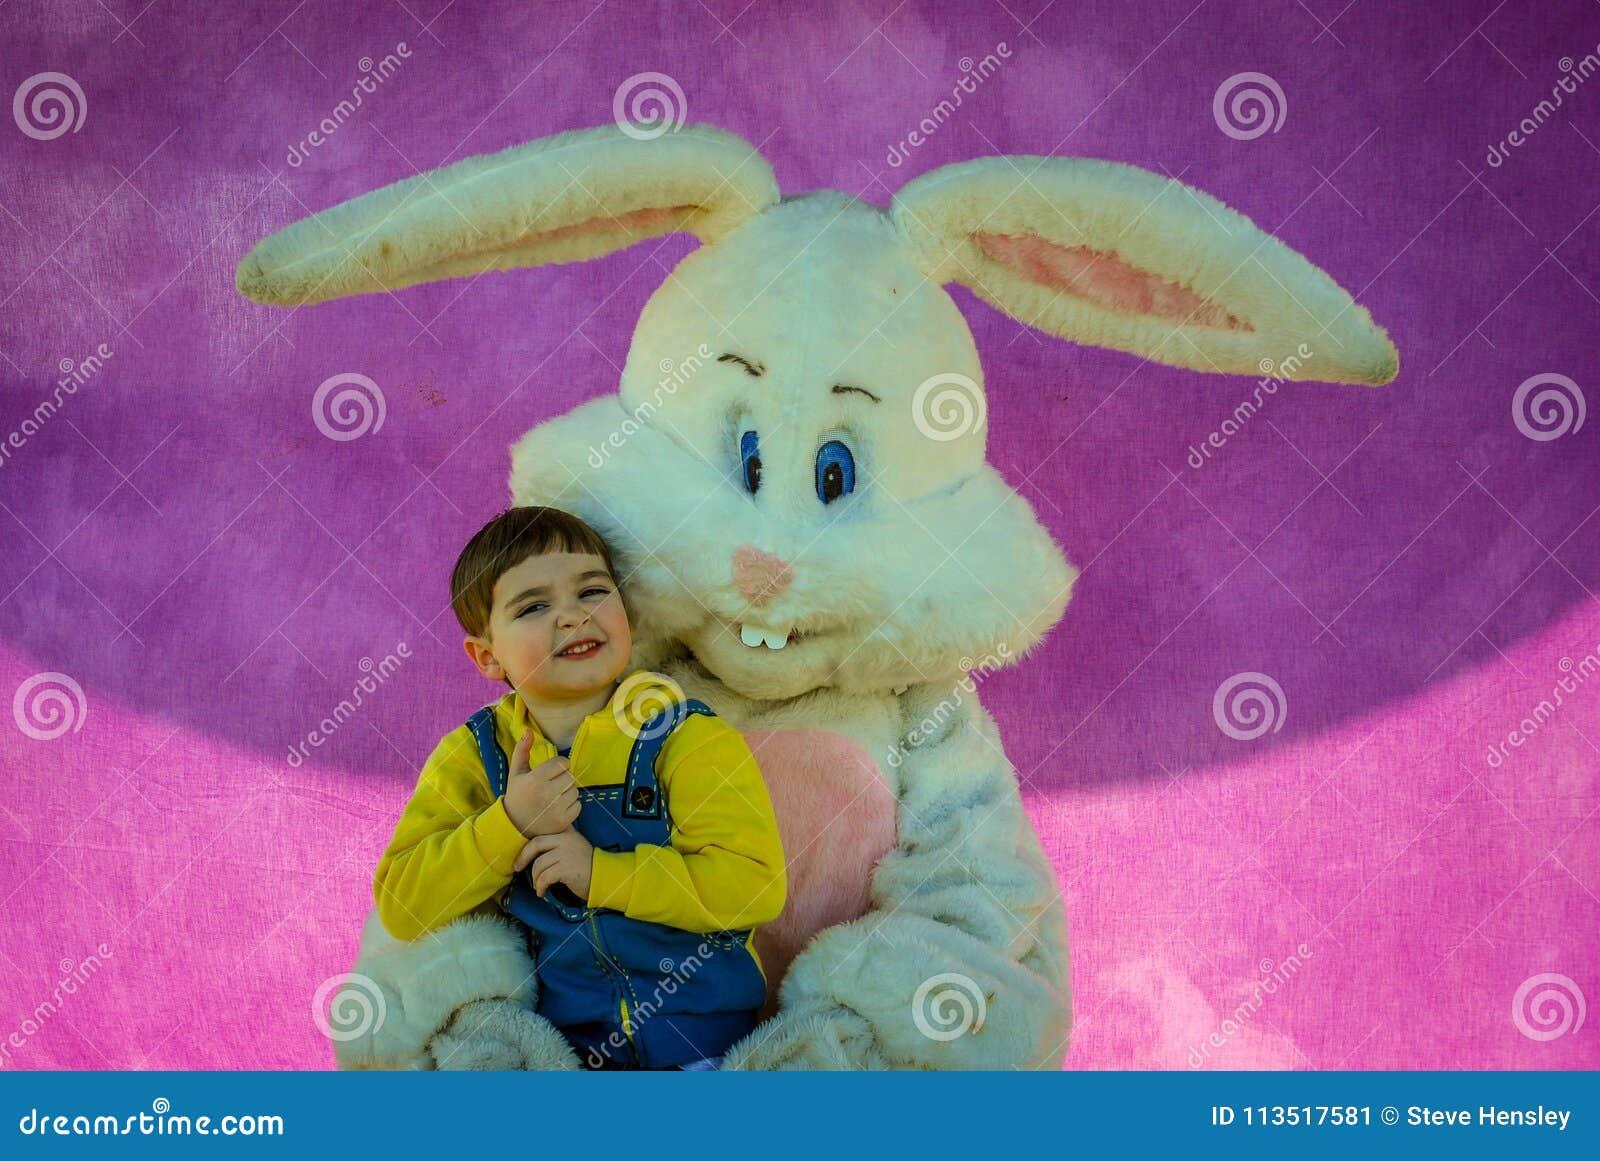 Richmond, KY E.U. - março, 31 2018 - Páscoa Eggstravaganza - um menino levanta com um caráter do coelhinho da Páscoa para uma fot